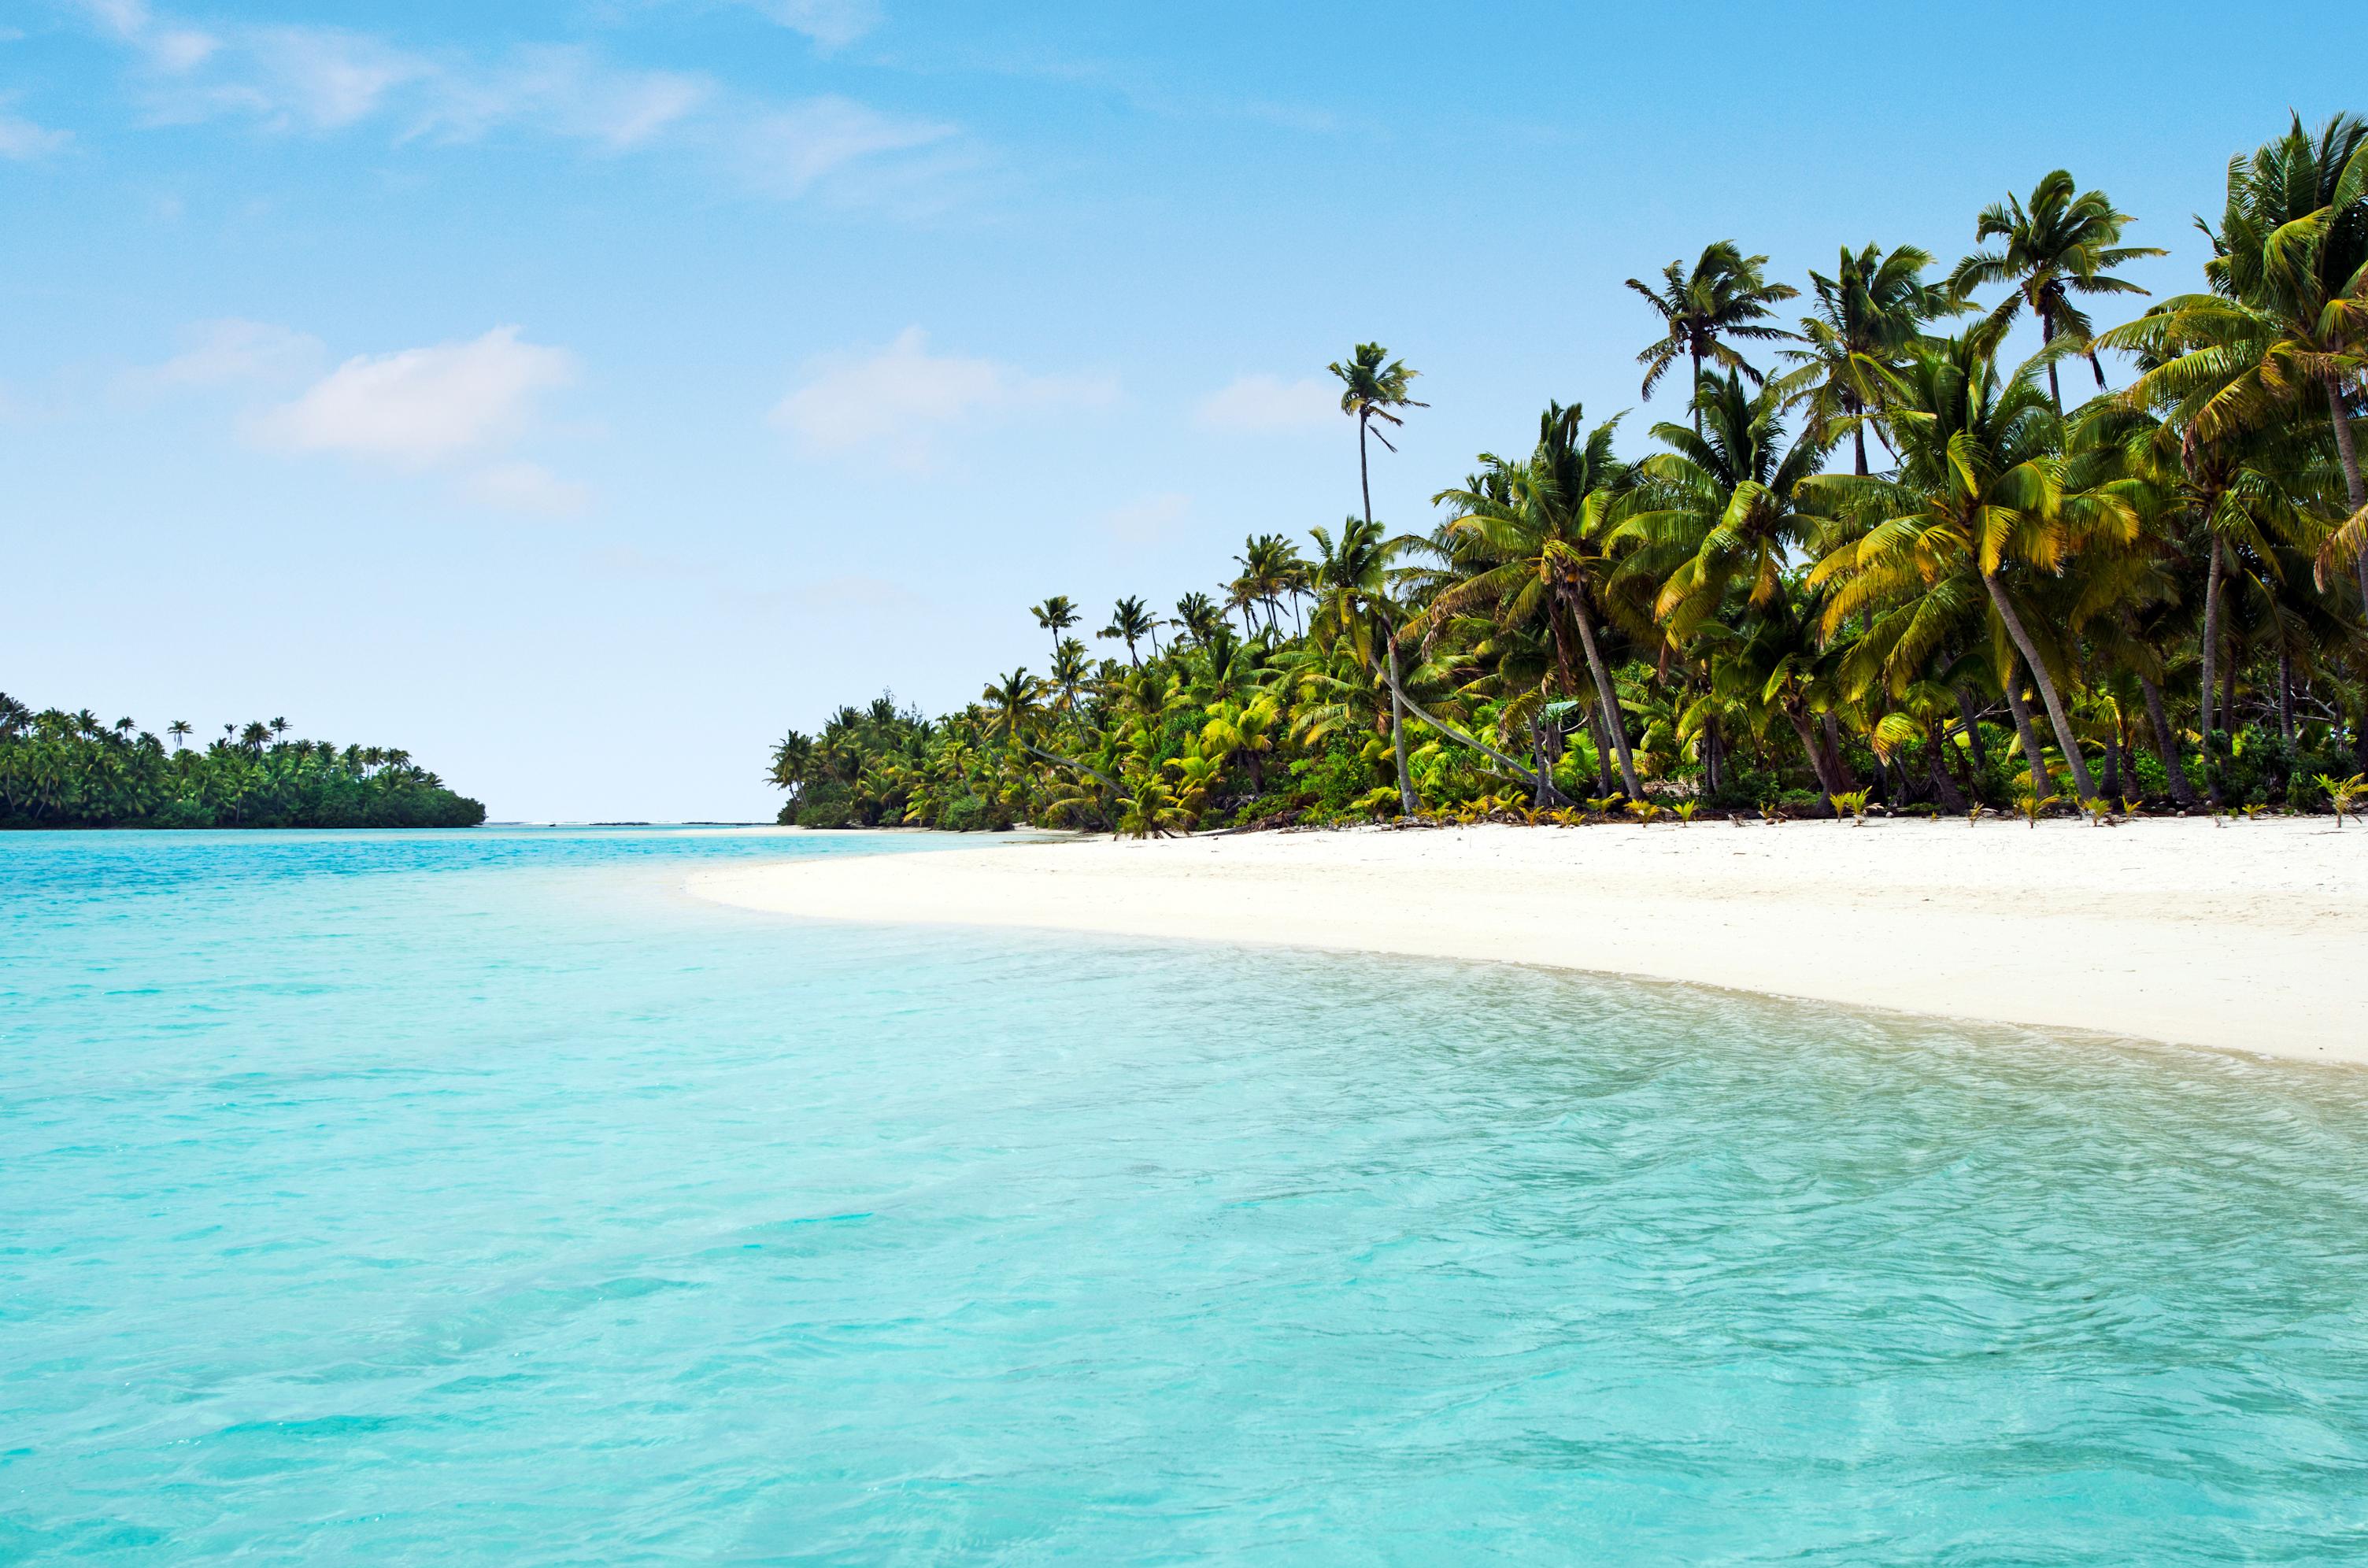 One Foot Island es un islote situado cerca de Aitutaki, Islas Cook, que alberga una playa que está reconocida como una de las mejores del mundo. Y es que estamos hablando de un rincón de fina arena blanca y aguas cálidas y cristalinas. Por supuesto, quienes tengan la posibilidad de tomar el sol o bañarse en este lugar, lo harán rodeados de cocoteros y palmeras